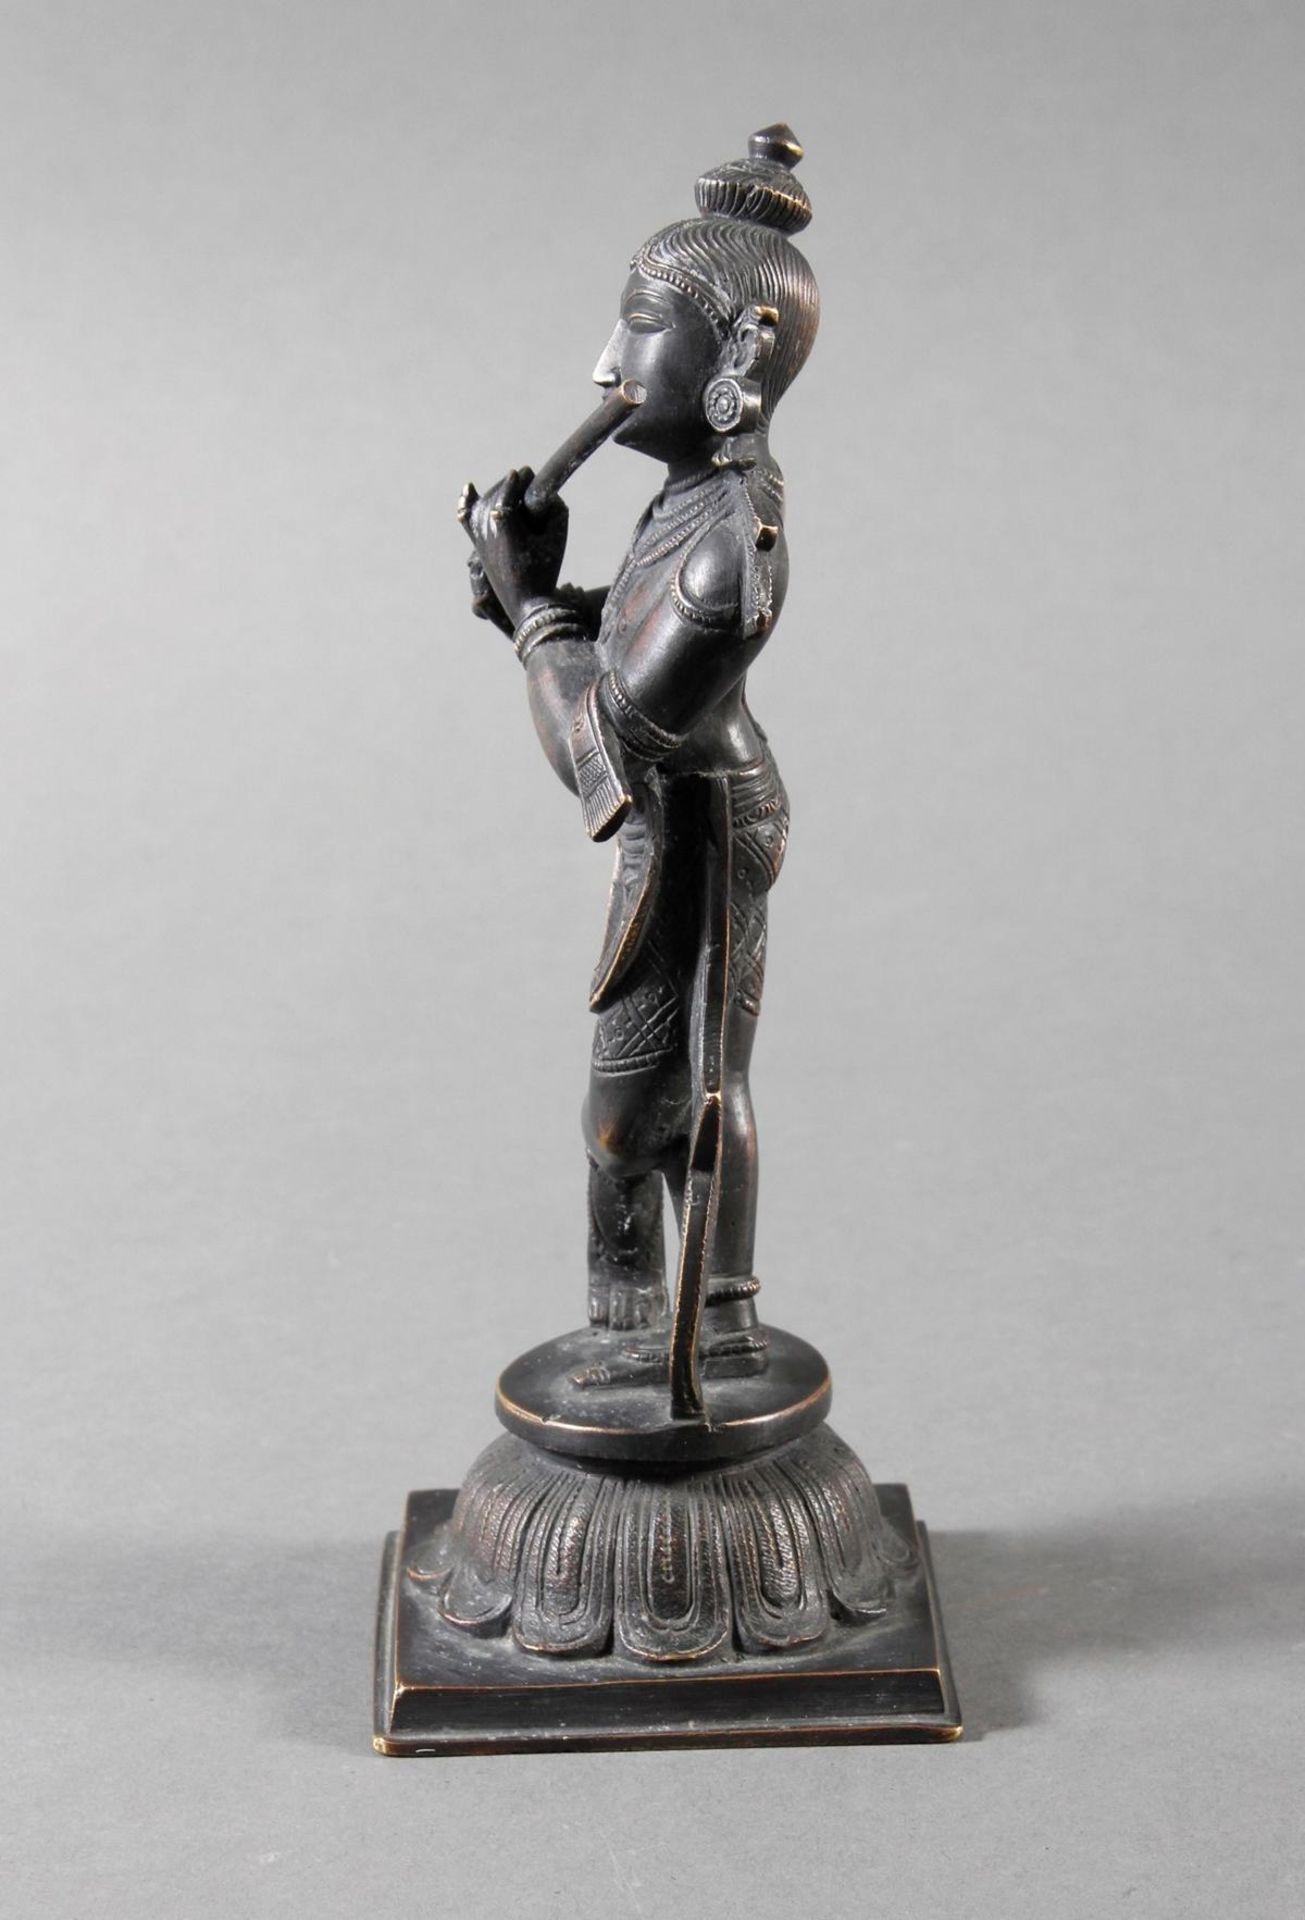 Flötespielende Göttheit auf einem Lotospodest stehend Indien 19. / 20. Jahrhundert - Bild 5 aus 8